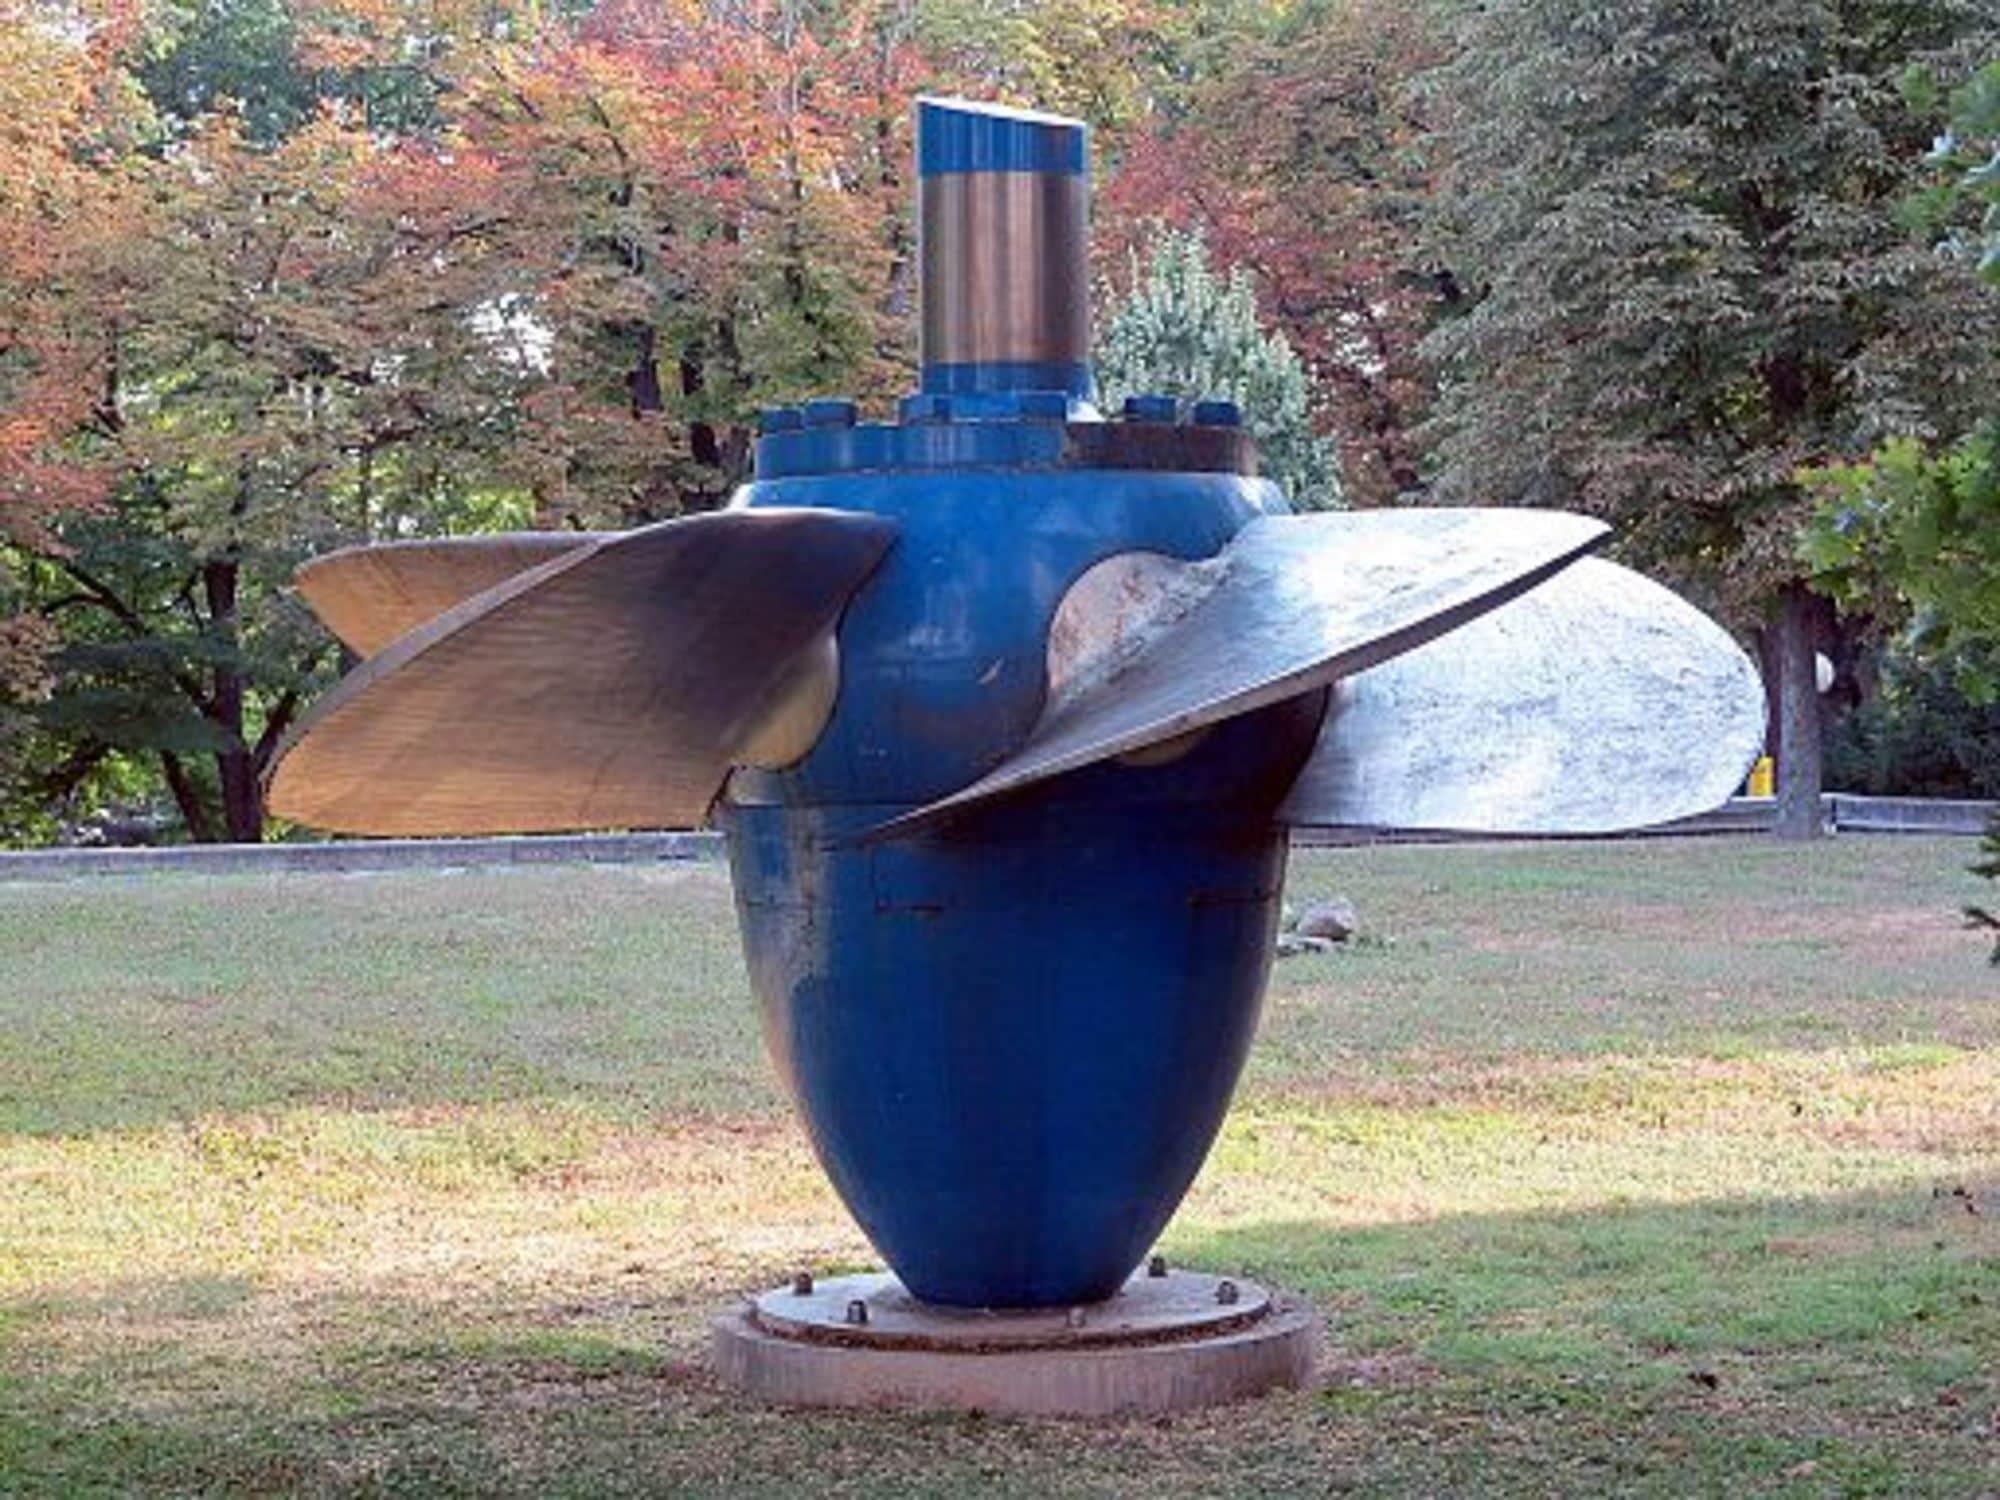 Die Kaplan-Turbine, eine österreichische Erfindung